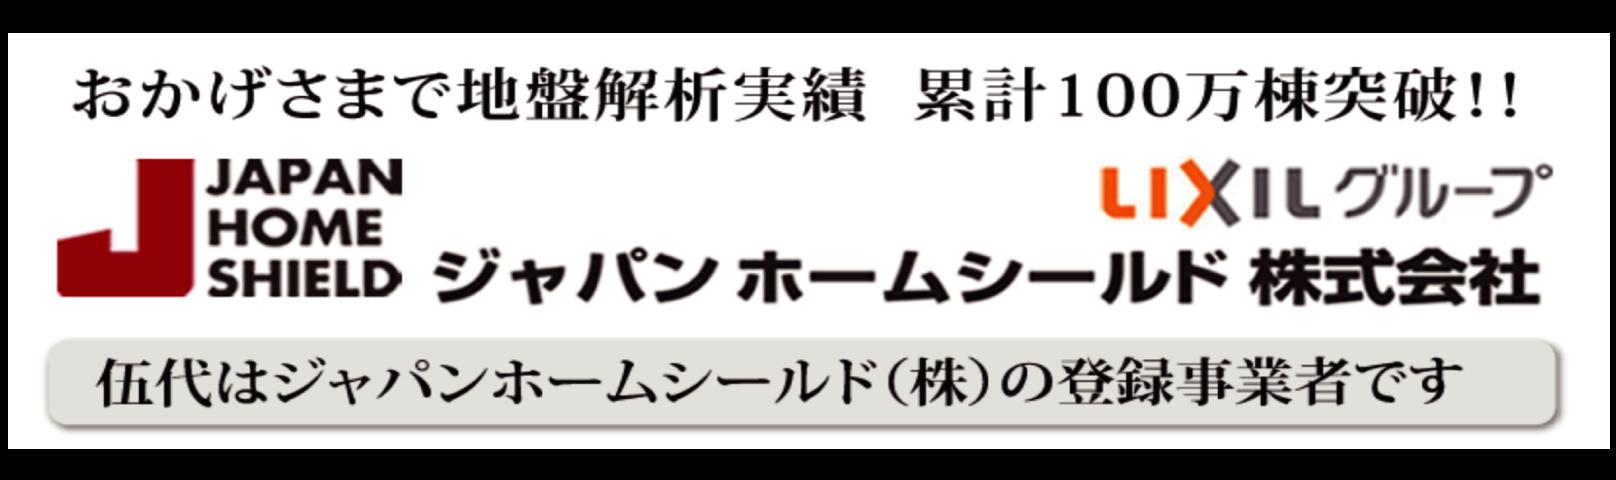 伍代はジャパンホームシールド(株)の登録事業者です